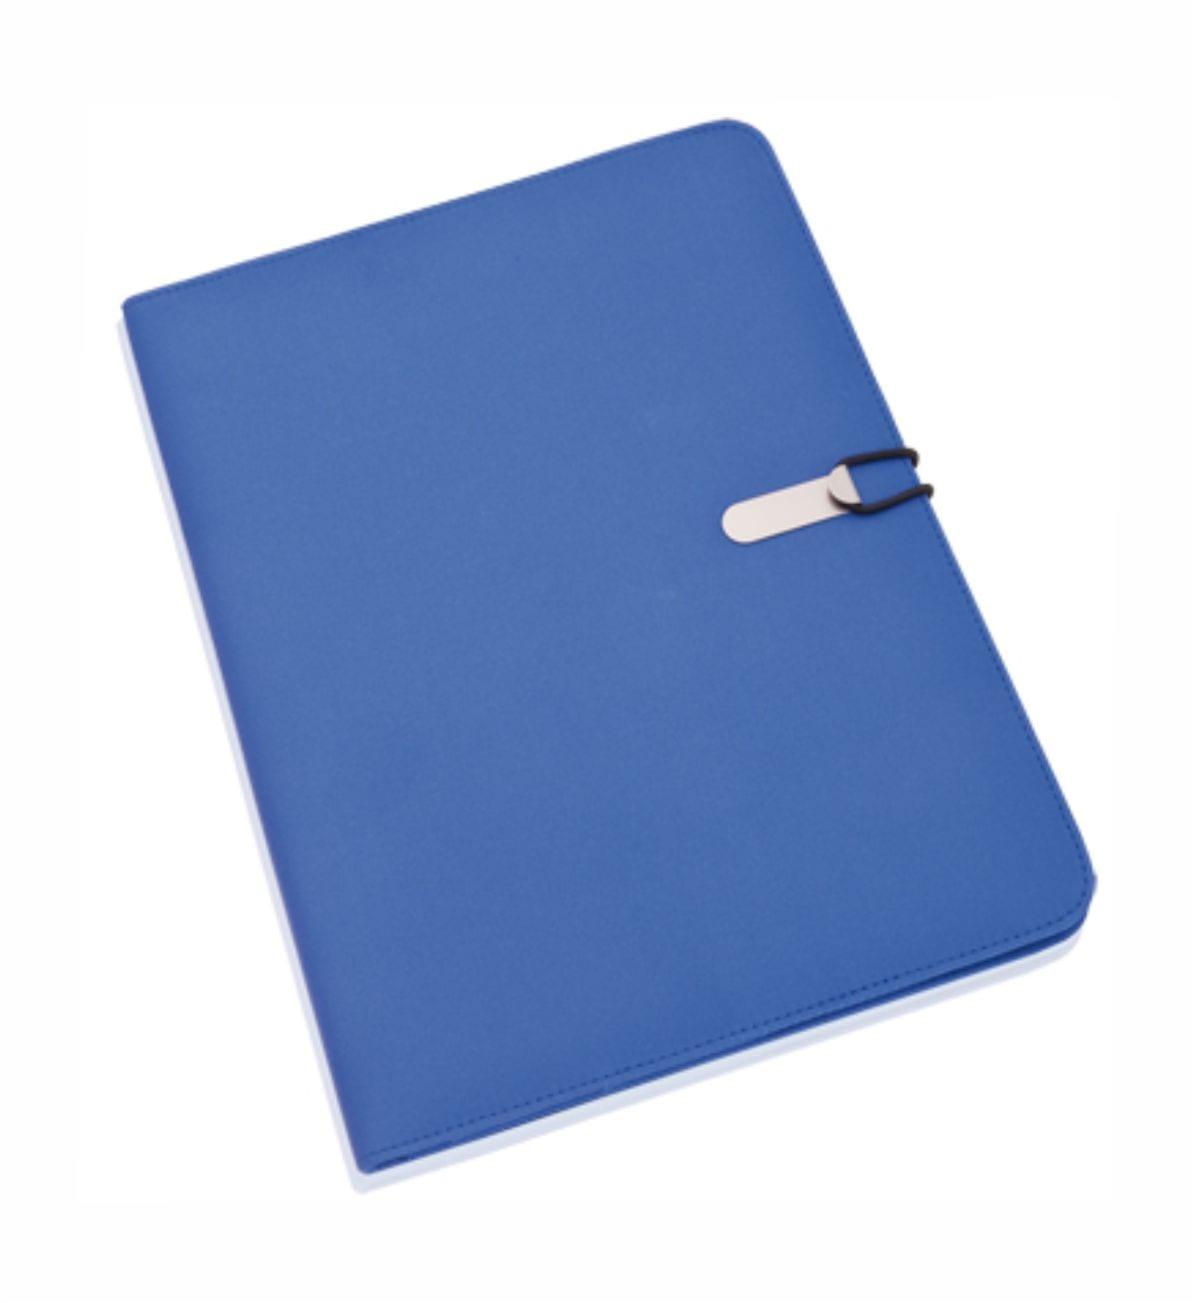 Carpeta Congresos Azul. Merchandising Empresarial